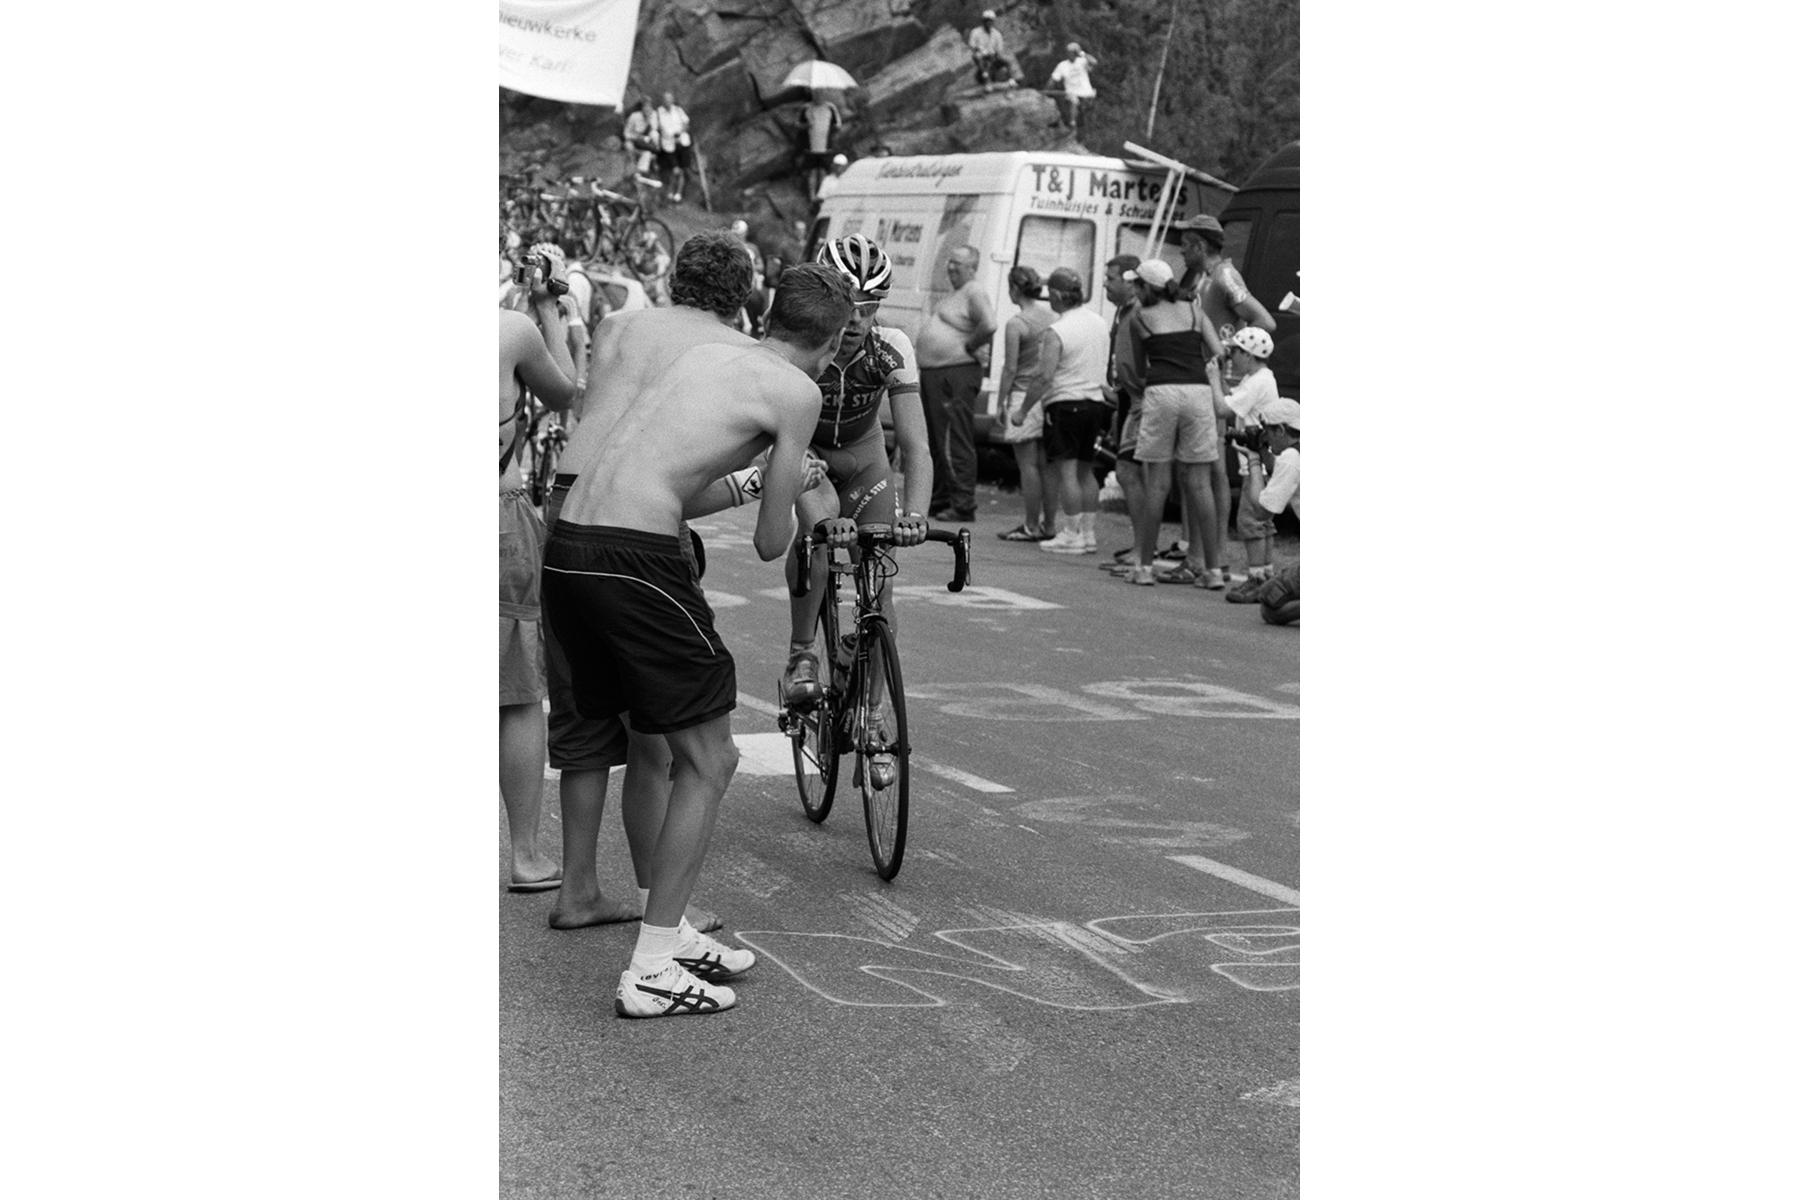 Tour de France 2006 Once identified, the fans motivate their idols, by cheering them on and shouting out their name when coming up the hill. Une fois choisi son favori, on encourage celui-ci en criant son nom pour l'aider à vaincre la montagne. Ist der Fahrer identifiziert, kann man ihn – sobald er den Berg heraufkommt – mit seinem Namen anfeuern. Una vez identificados sus favoritos, se anima al ciclista llamándole por su nombre para subir la montaña.